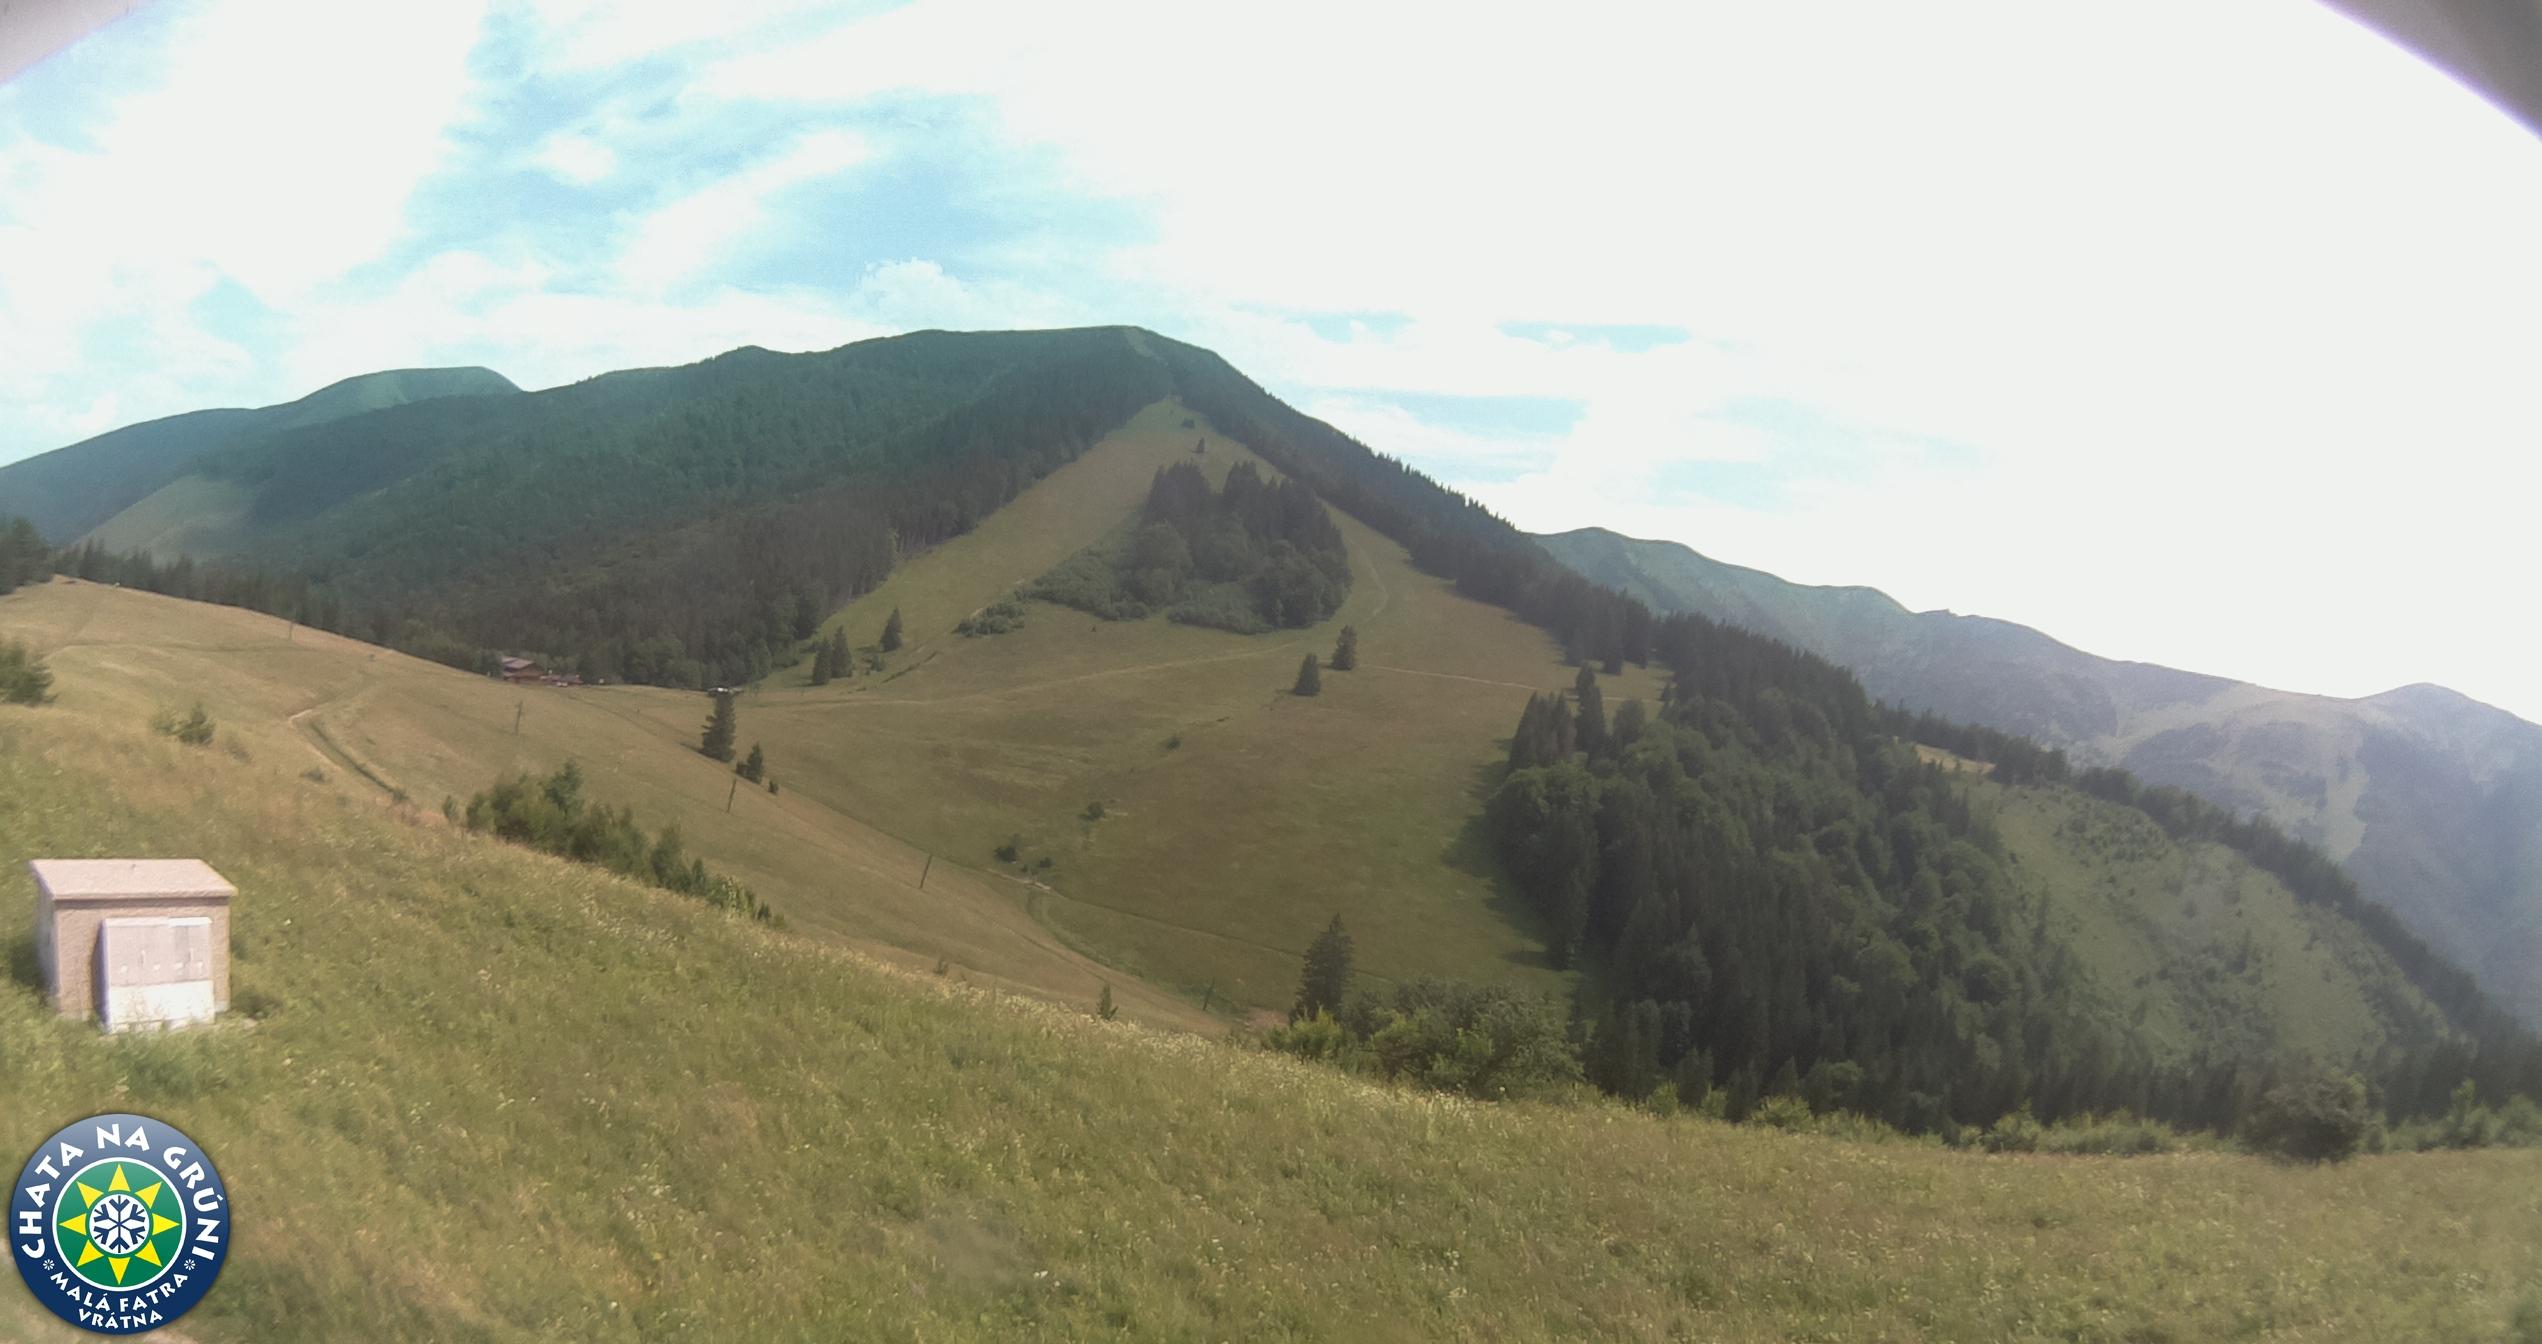 da41246a1 Chata na Grúni - Vrátna dolina, v pohorí Malej Fatry